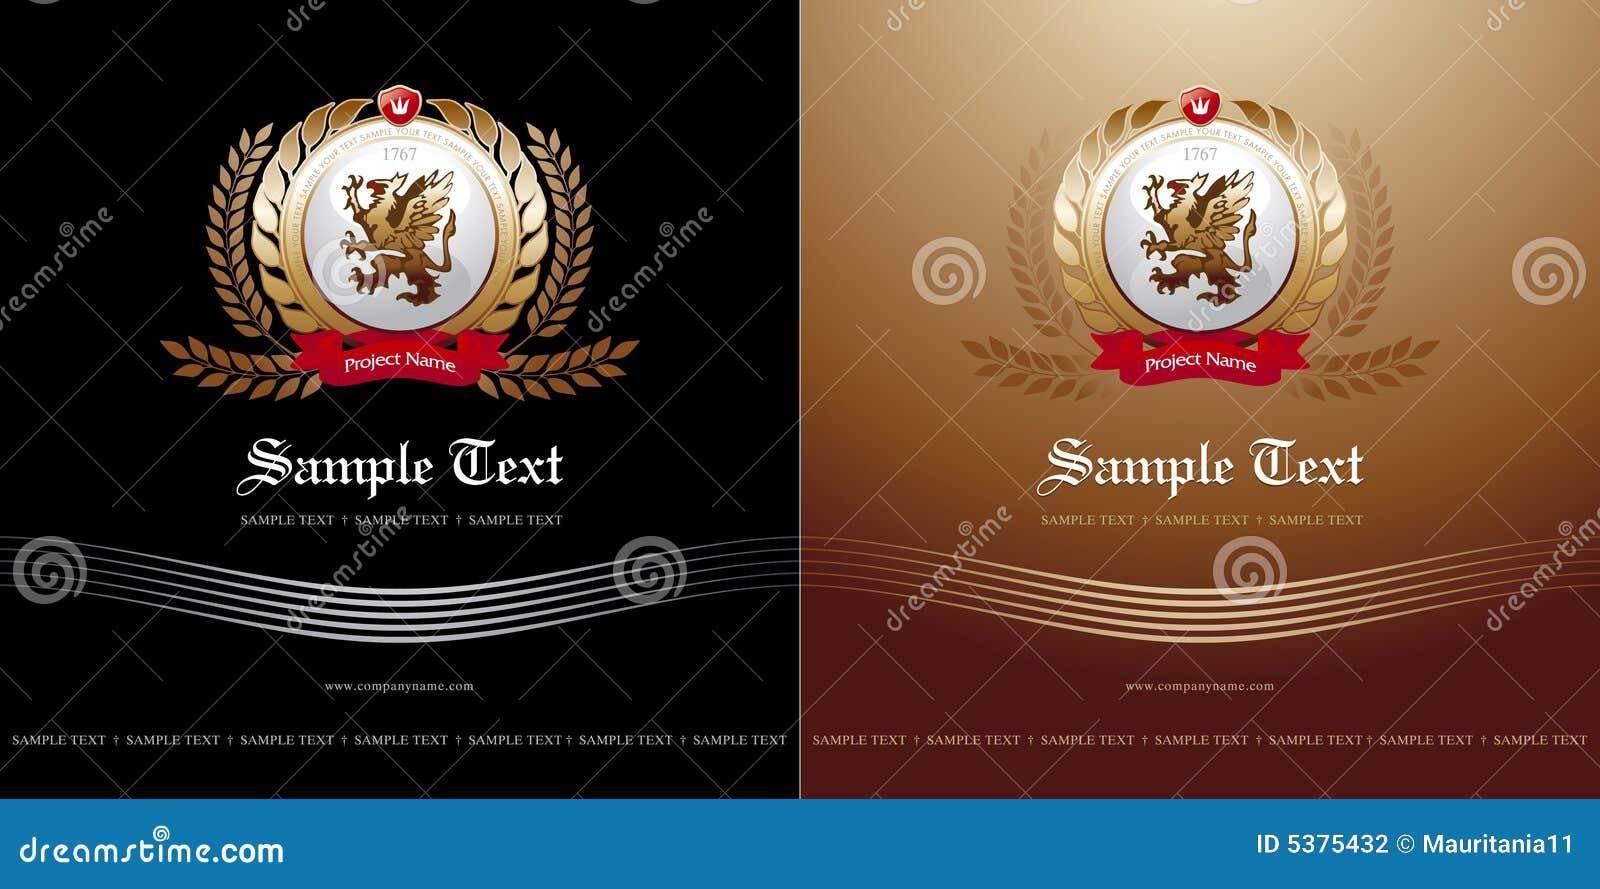 Abdeckung mit Zeichenmantel in zwei Varianten